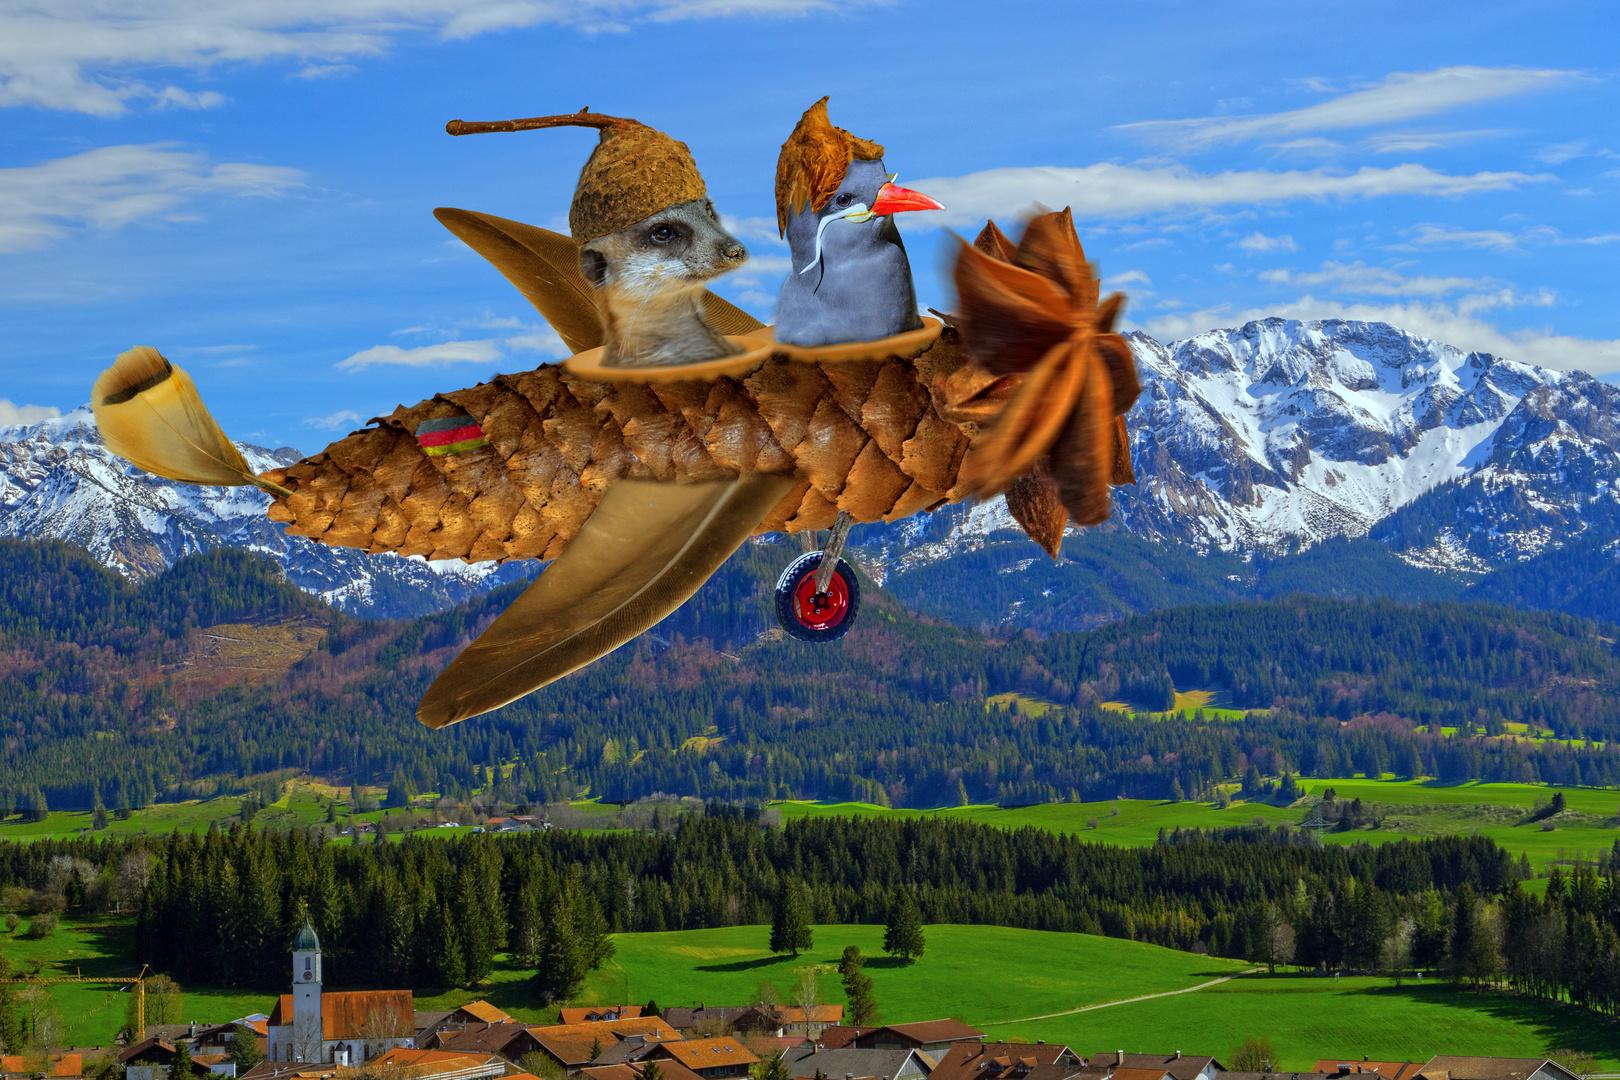 Der Traum Flieger